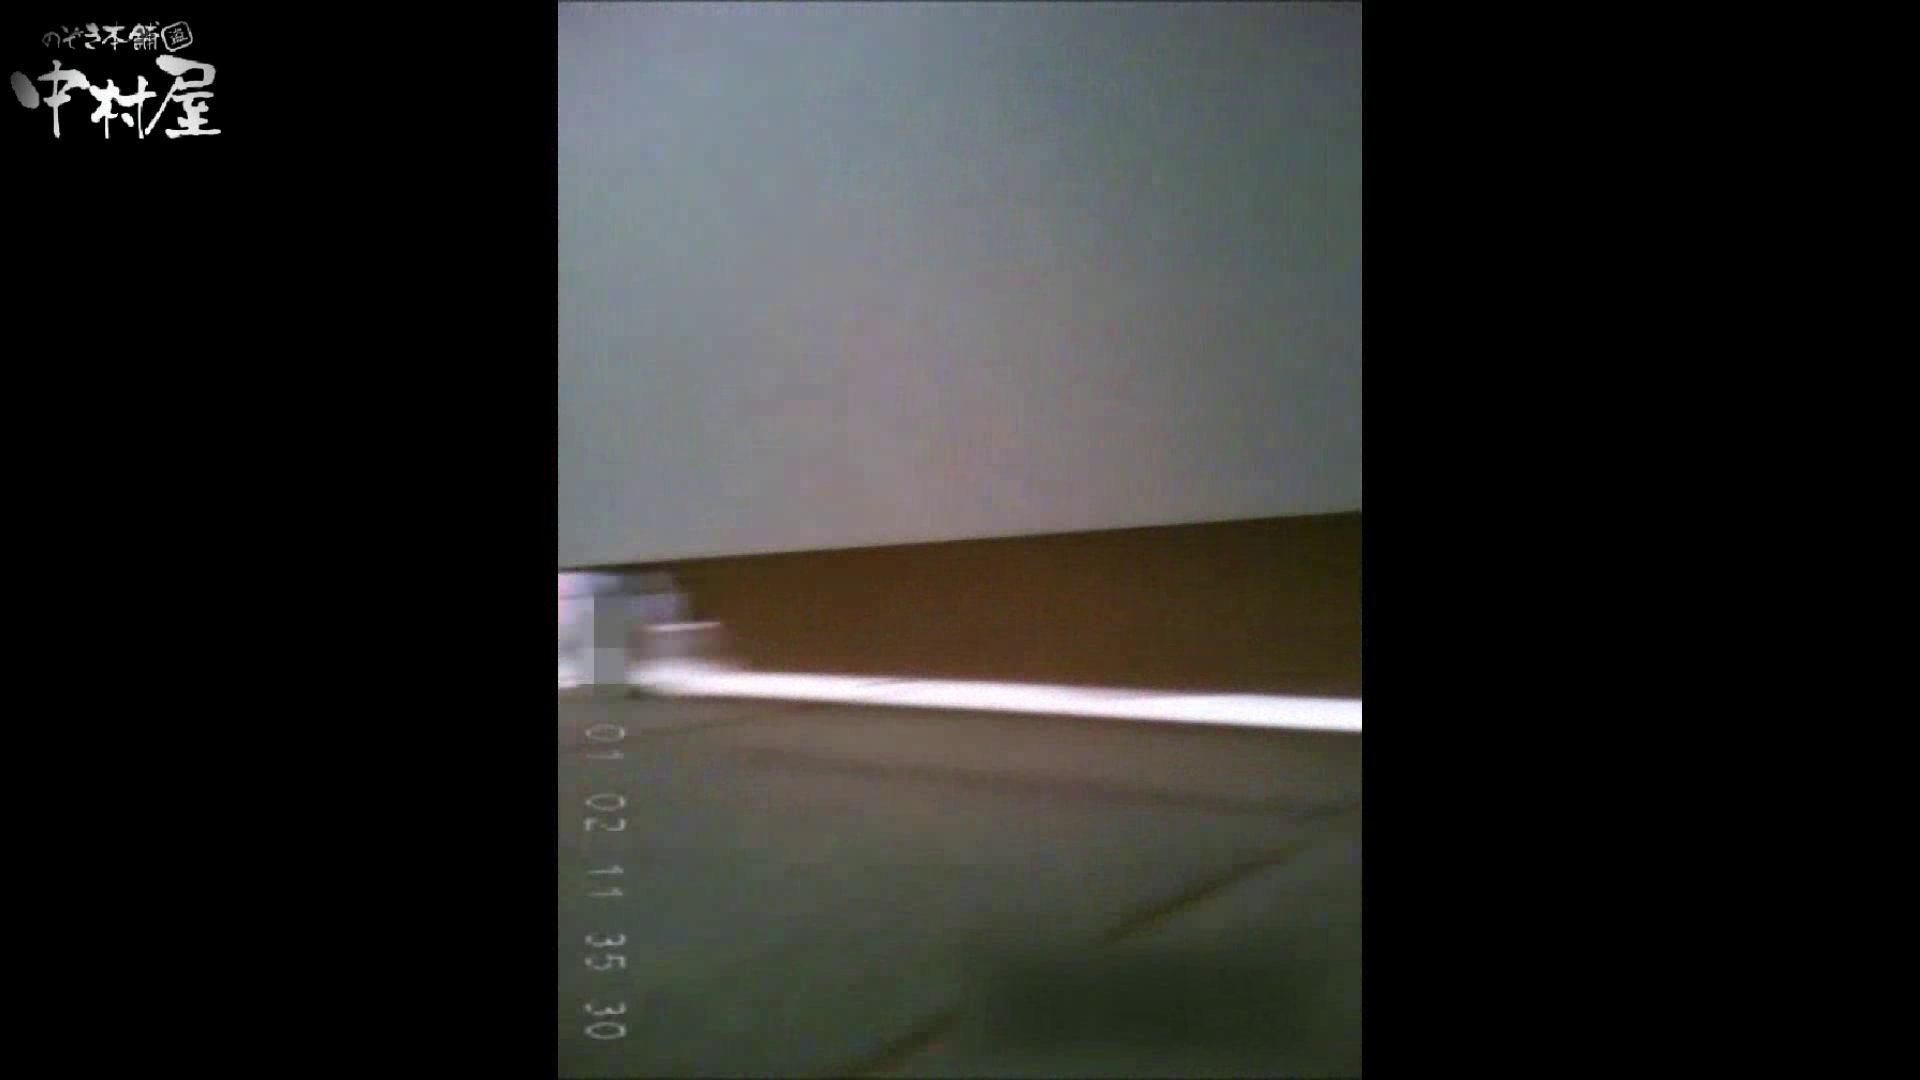 雅さんが厳選年末特別コンテンツ!激走!東京マラソン選手専用女子トイレvol.4 トイレ AV無料動画キャプチャ 61連発 44